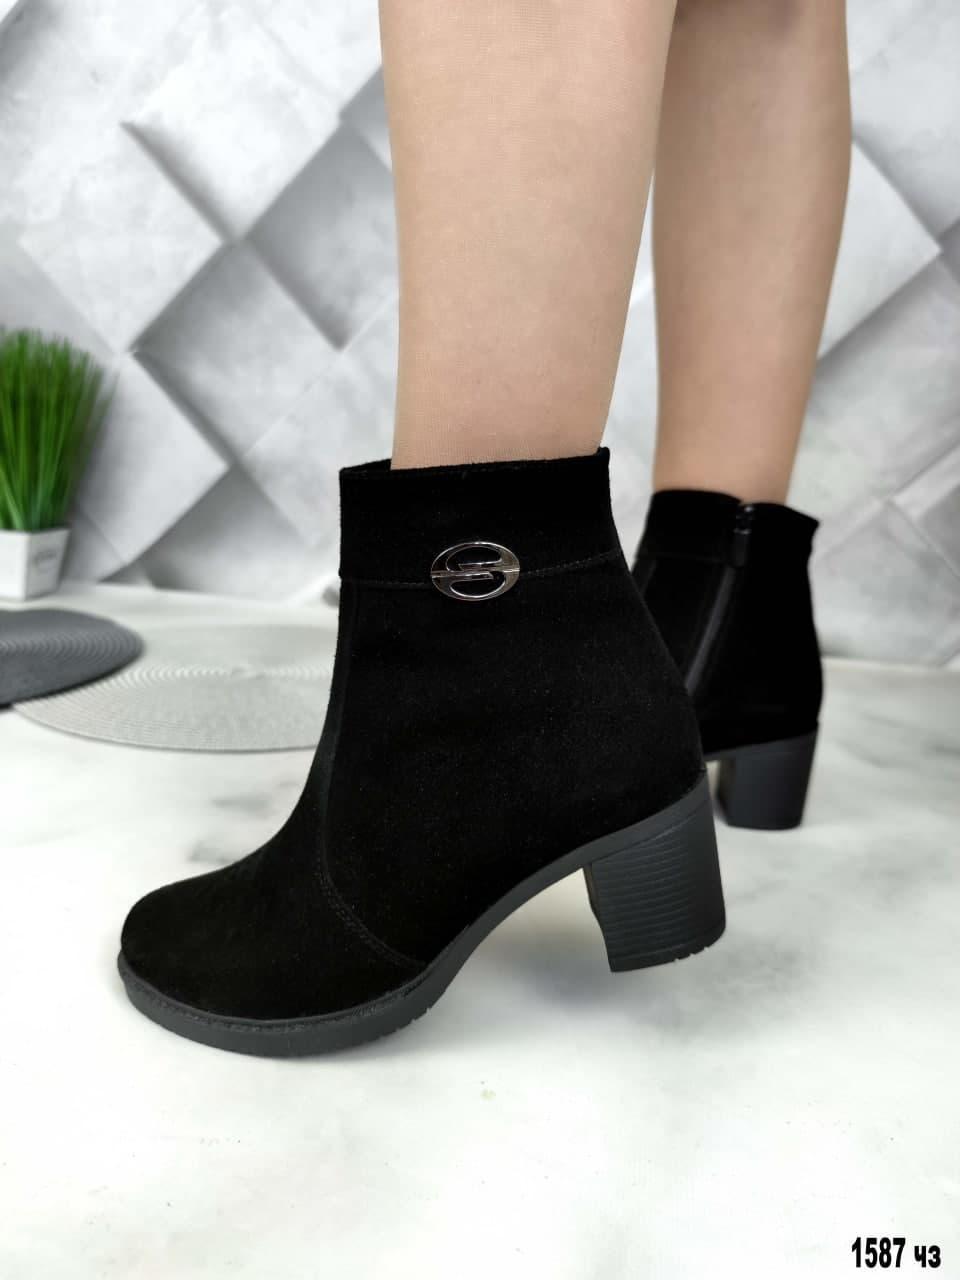 41 р. Ботинки женские деми черные замшевые на среднем каблуке демисезонные из натуральной замши замша